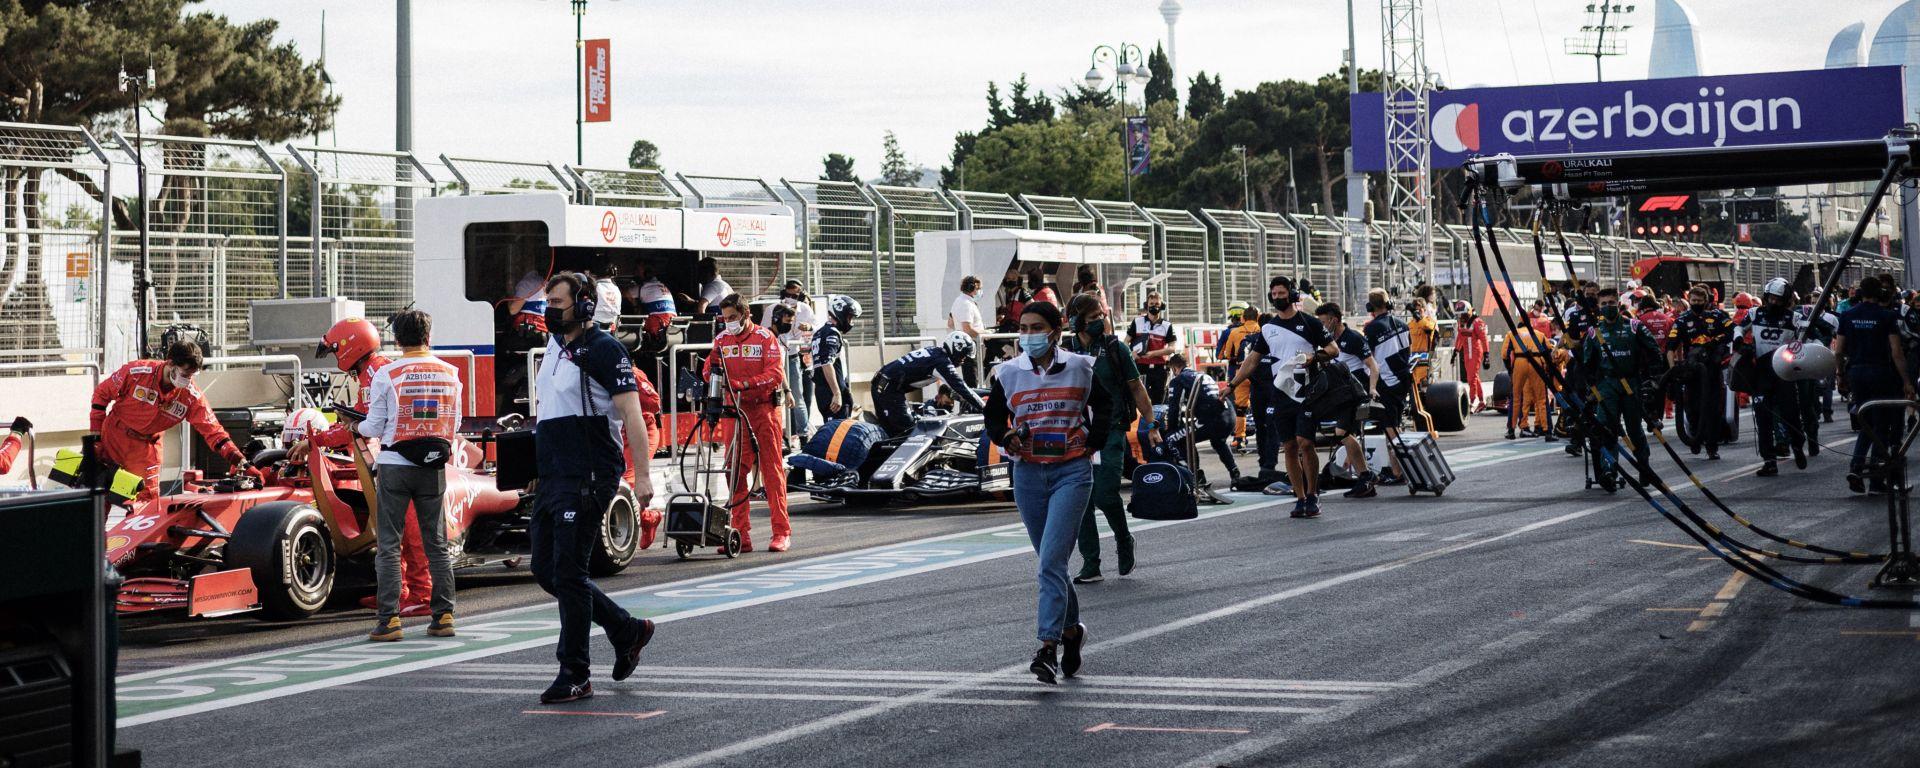 F1 GP Azerbaijan 2021, Baku: le auto in pit-lane in attesa della ripartenza